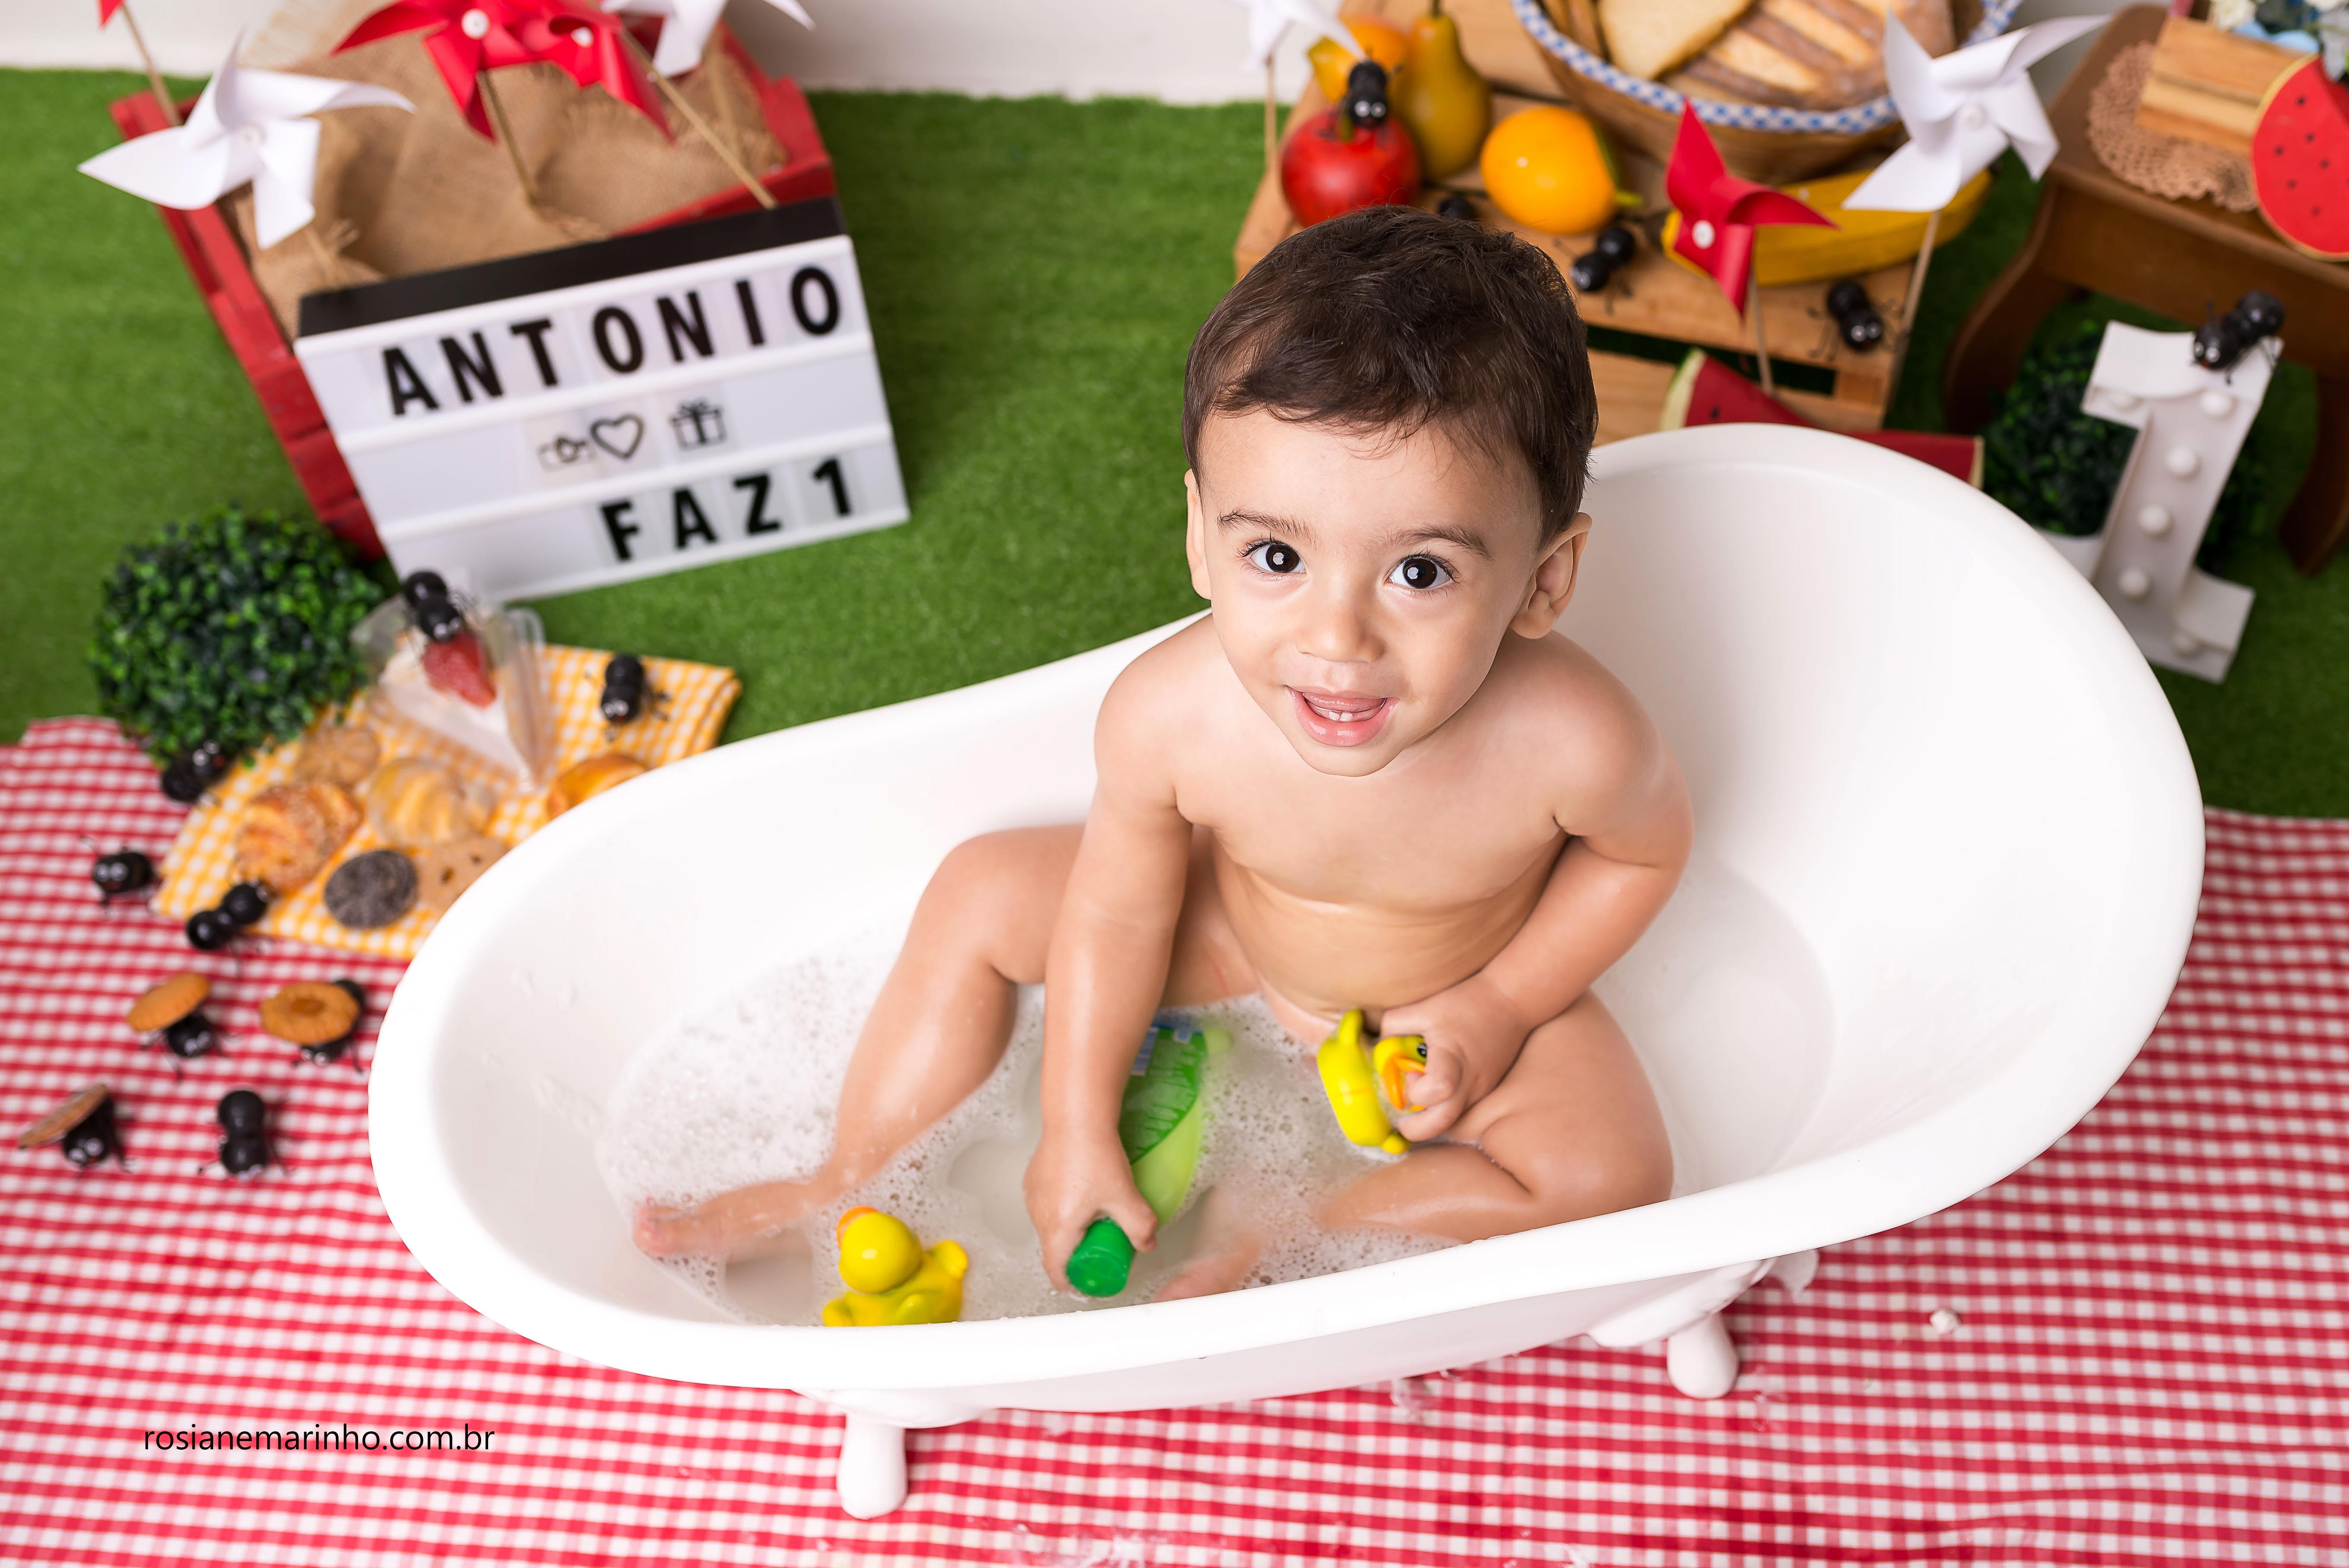 Antoniofaz1179